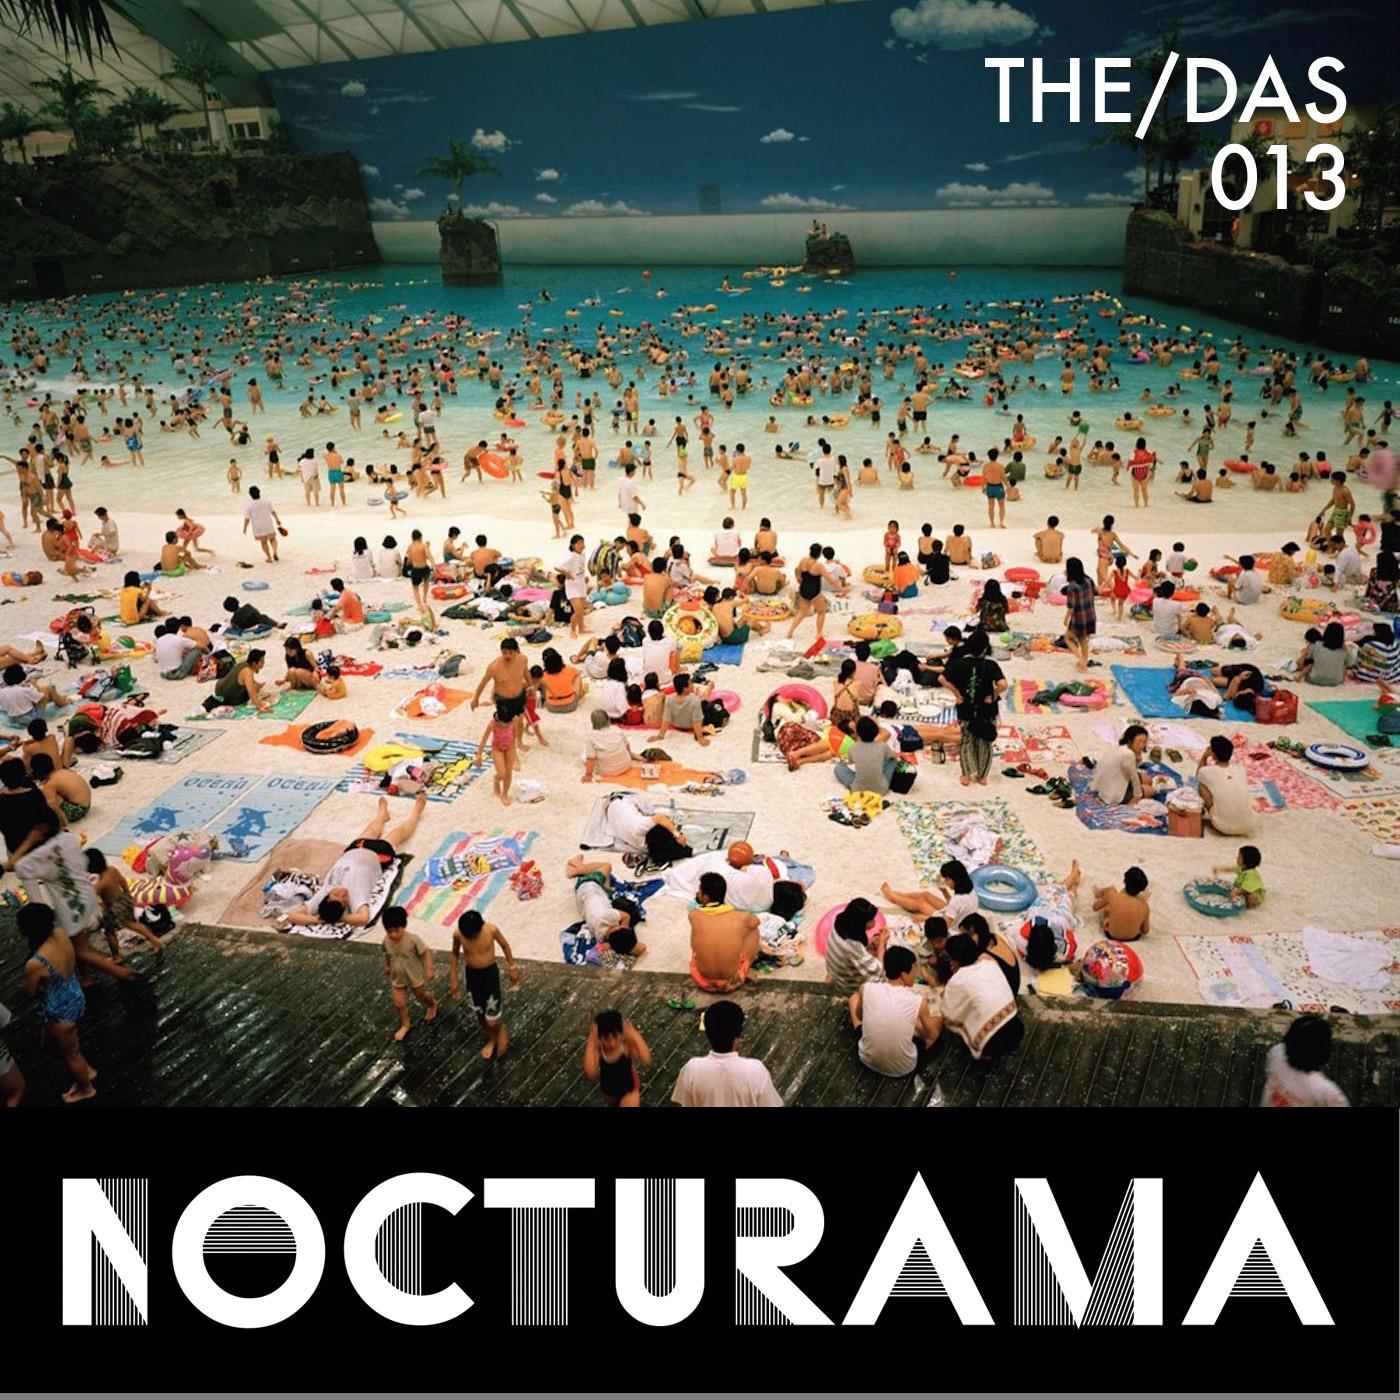 http://geist-agency.com/news-description/Nocturama013-TheDas